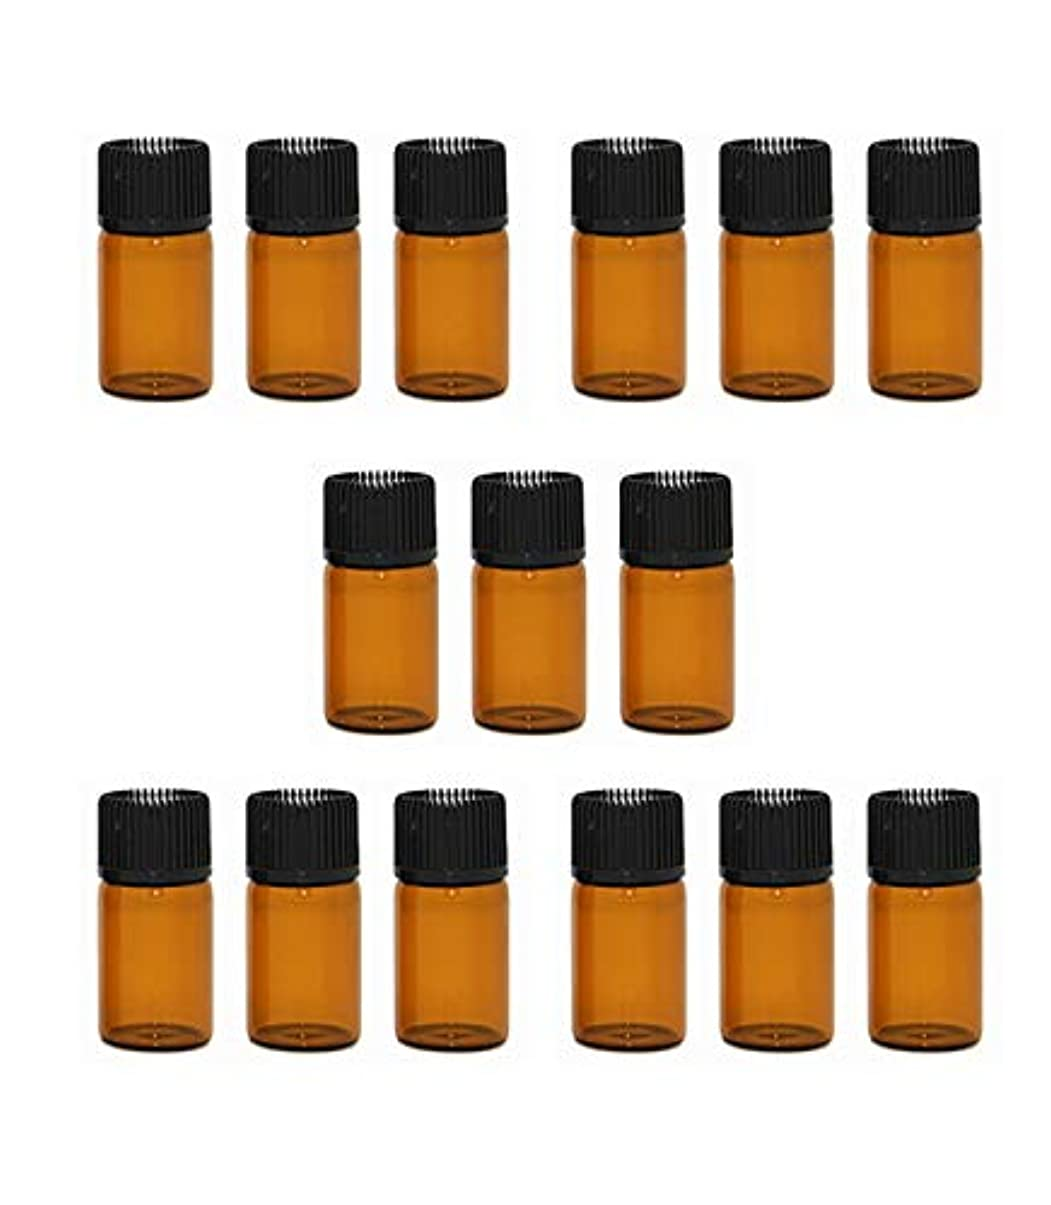 悲しむお祝い想定精油 小分け用 ボトル オイル 用 茶色 瓶 アロマオイル 遮光瓶 エッセンシャルオイル 保存瓶 3ml 15本セット